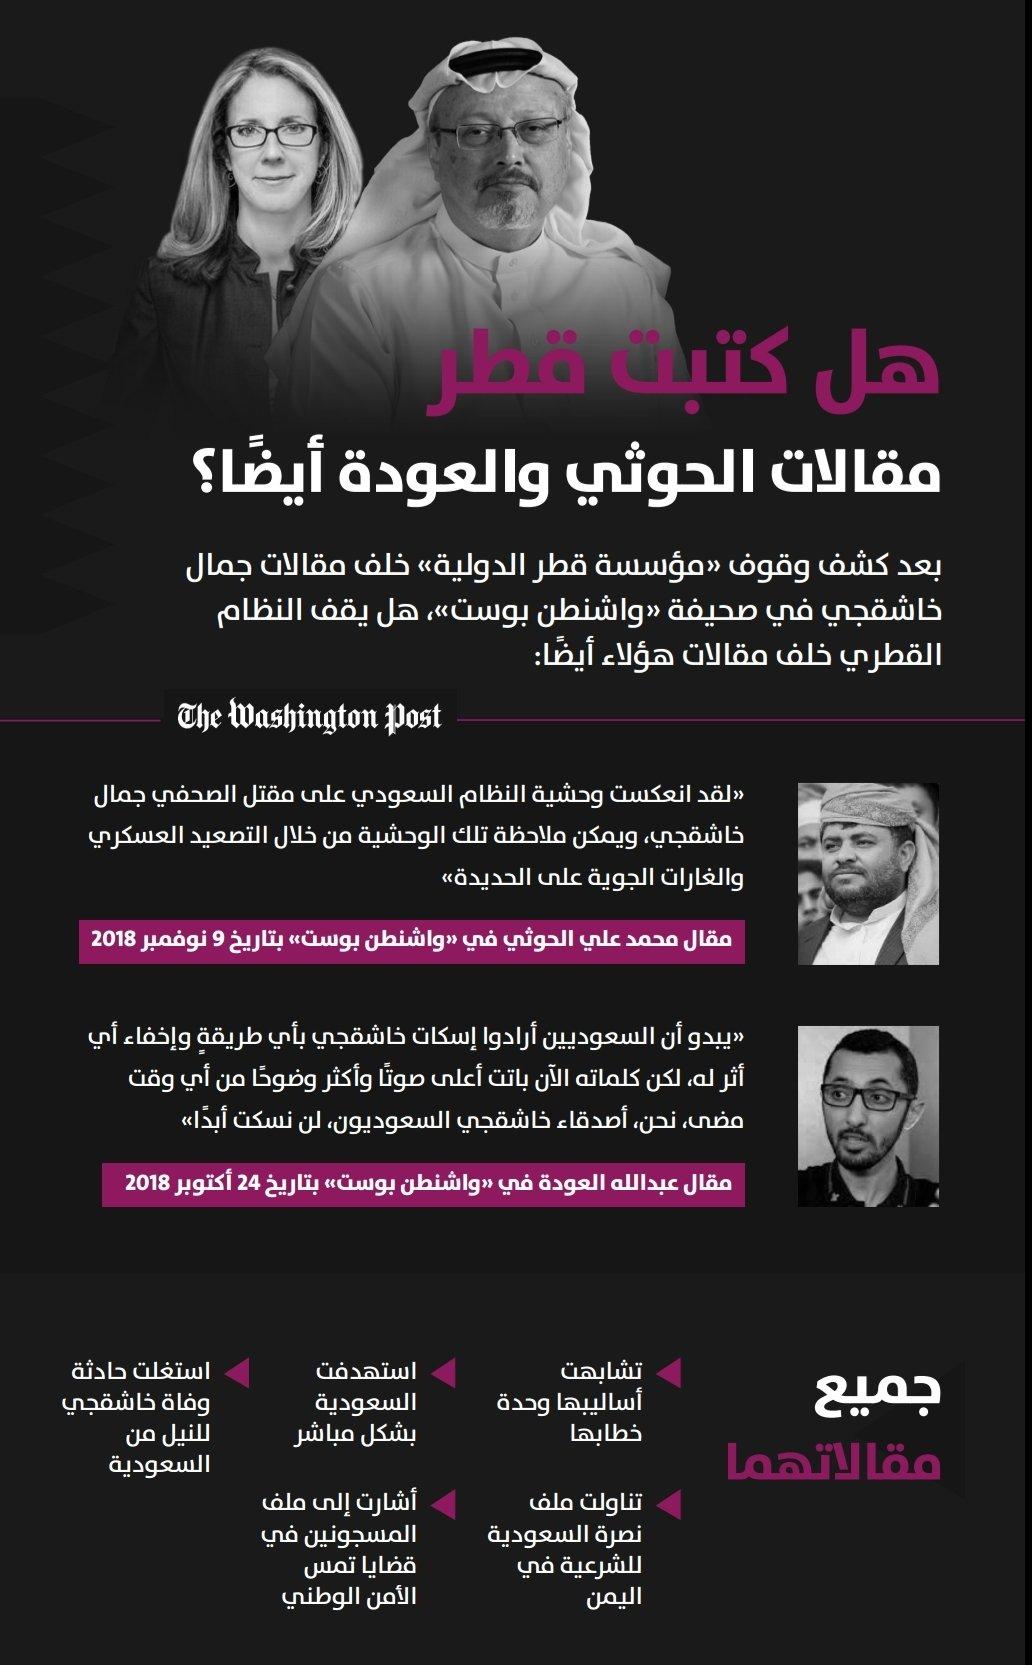 هل كتبت #قطر مقالات #الحوثي و #العودة أيضاً؟